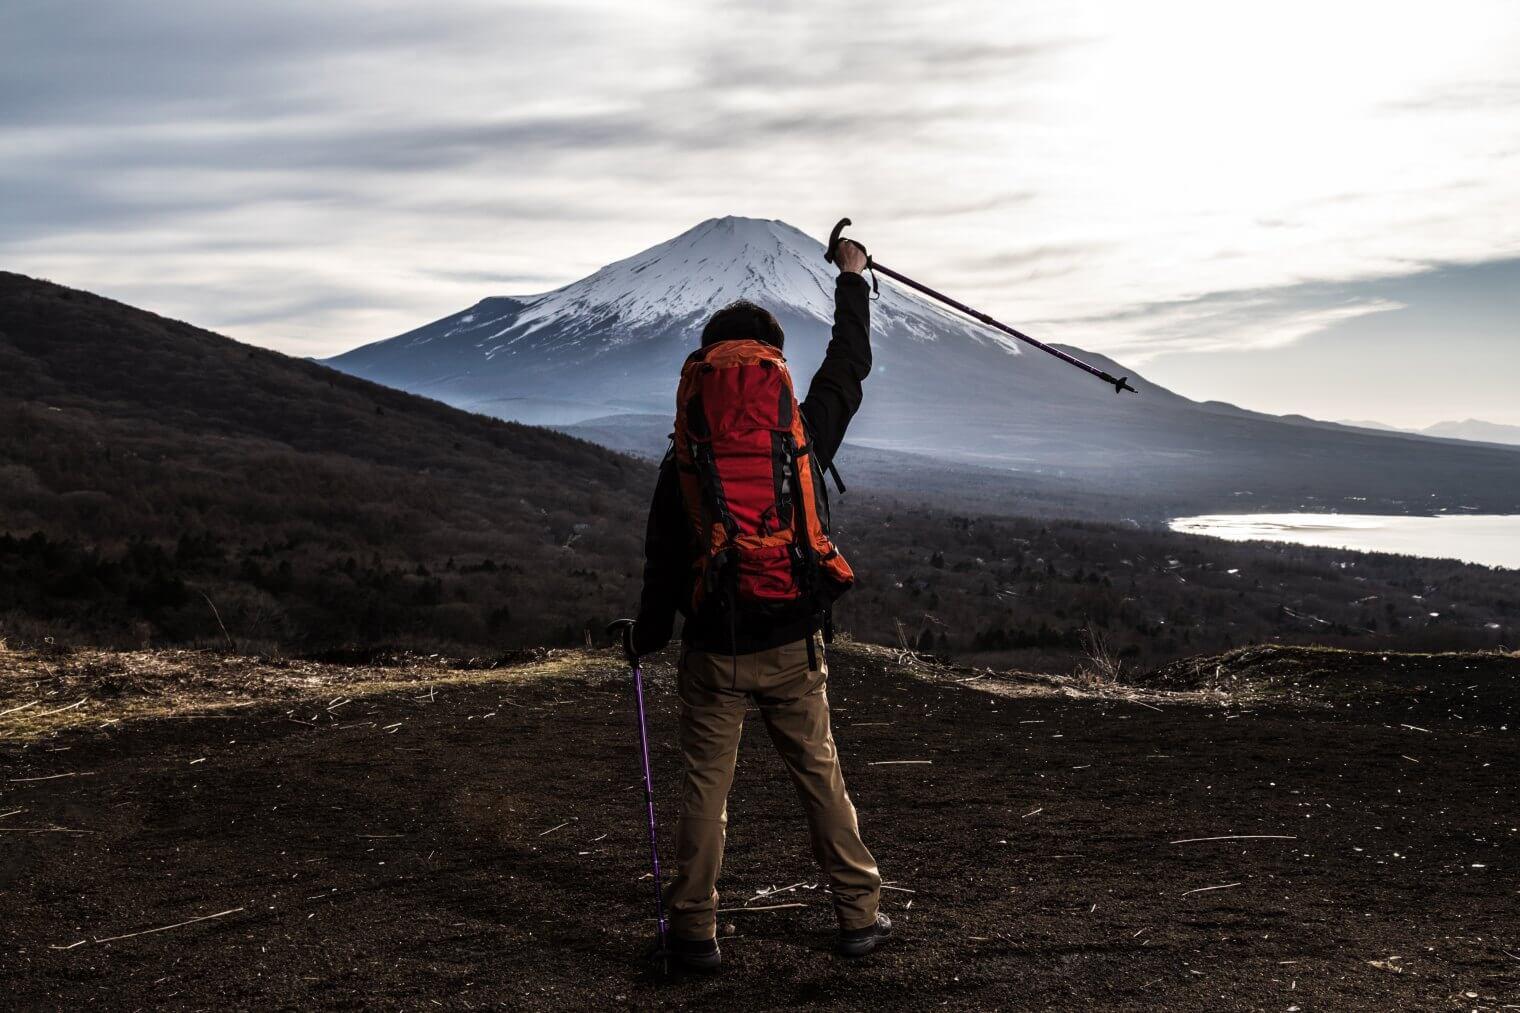 登山ザックの保管は吊るすだけではNG?ザックのお手入れ方法とは